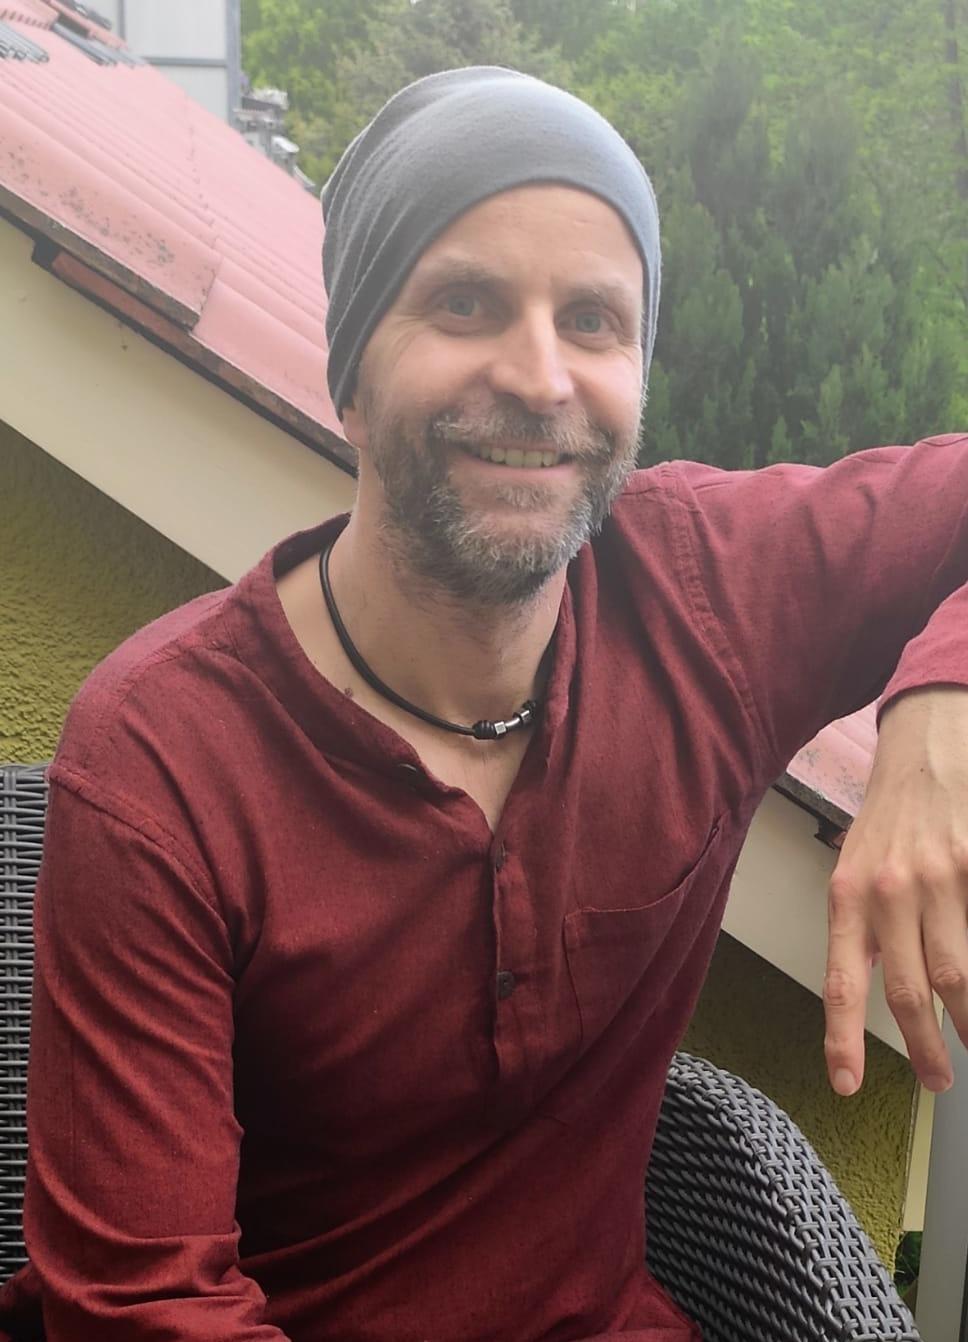 Christian Dethloff